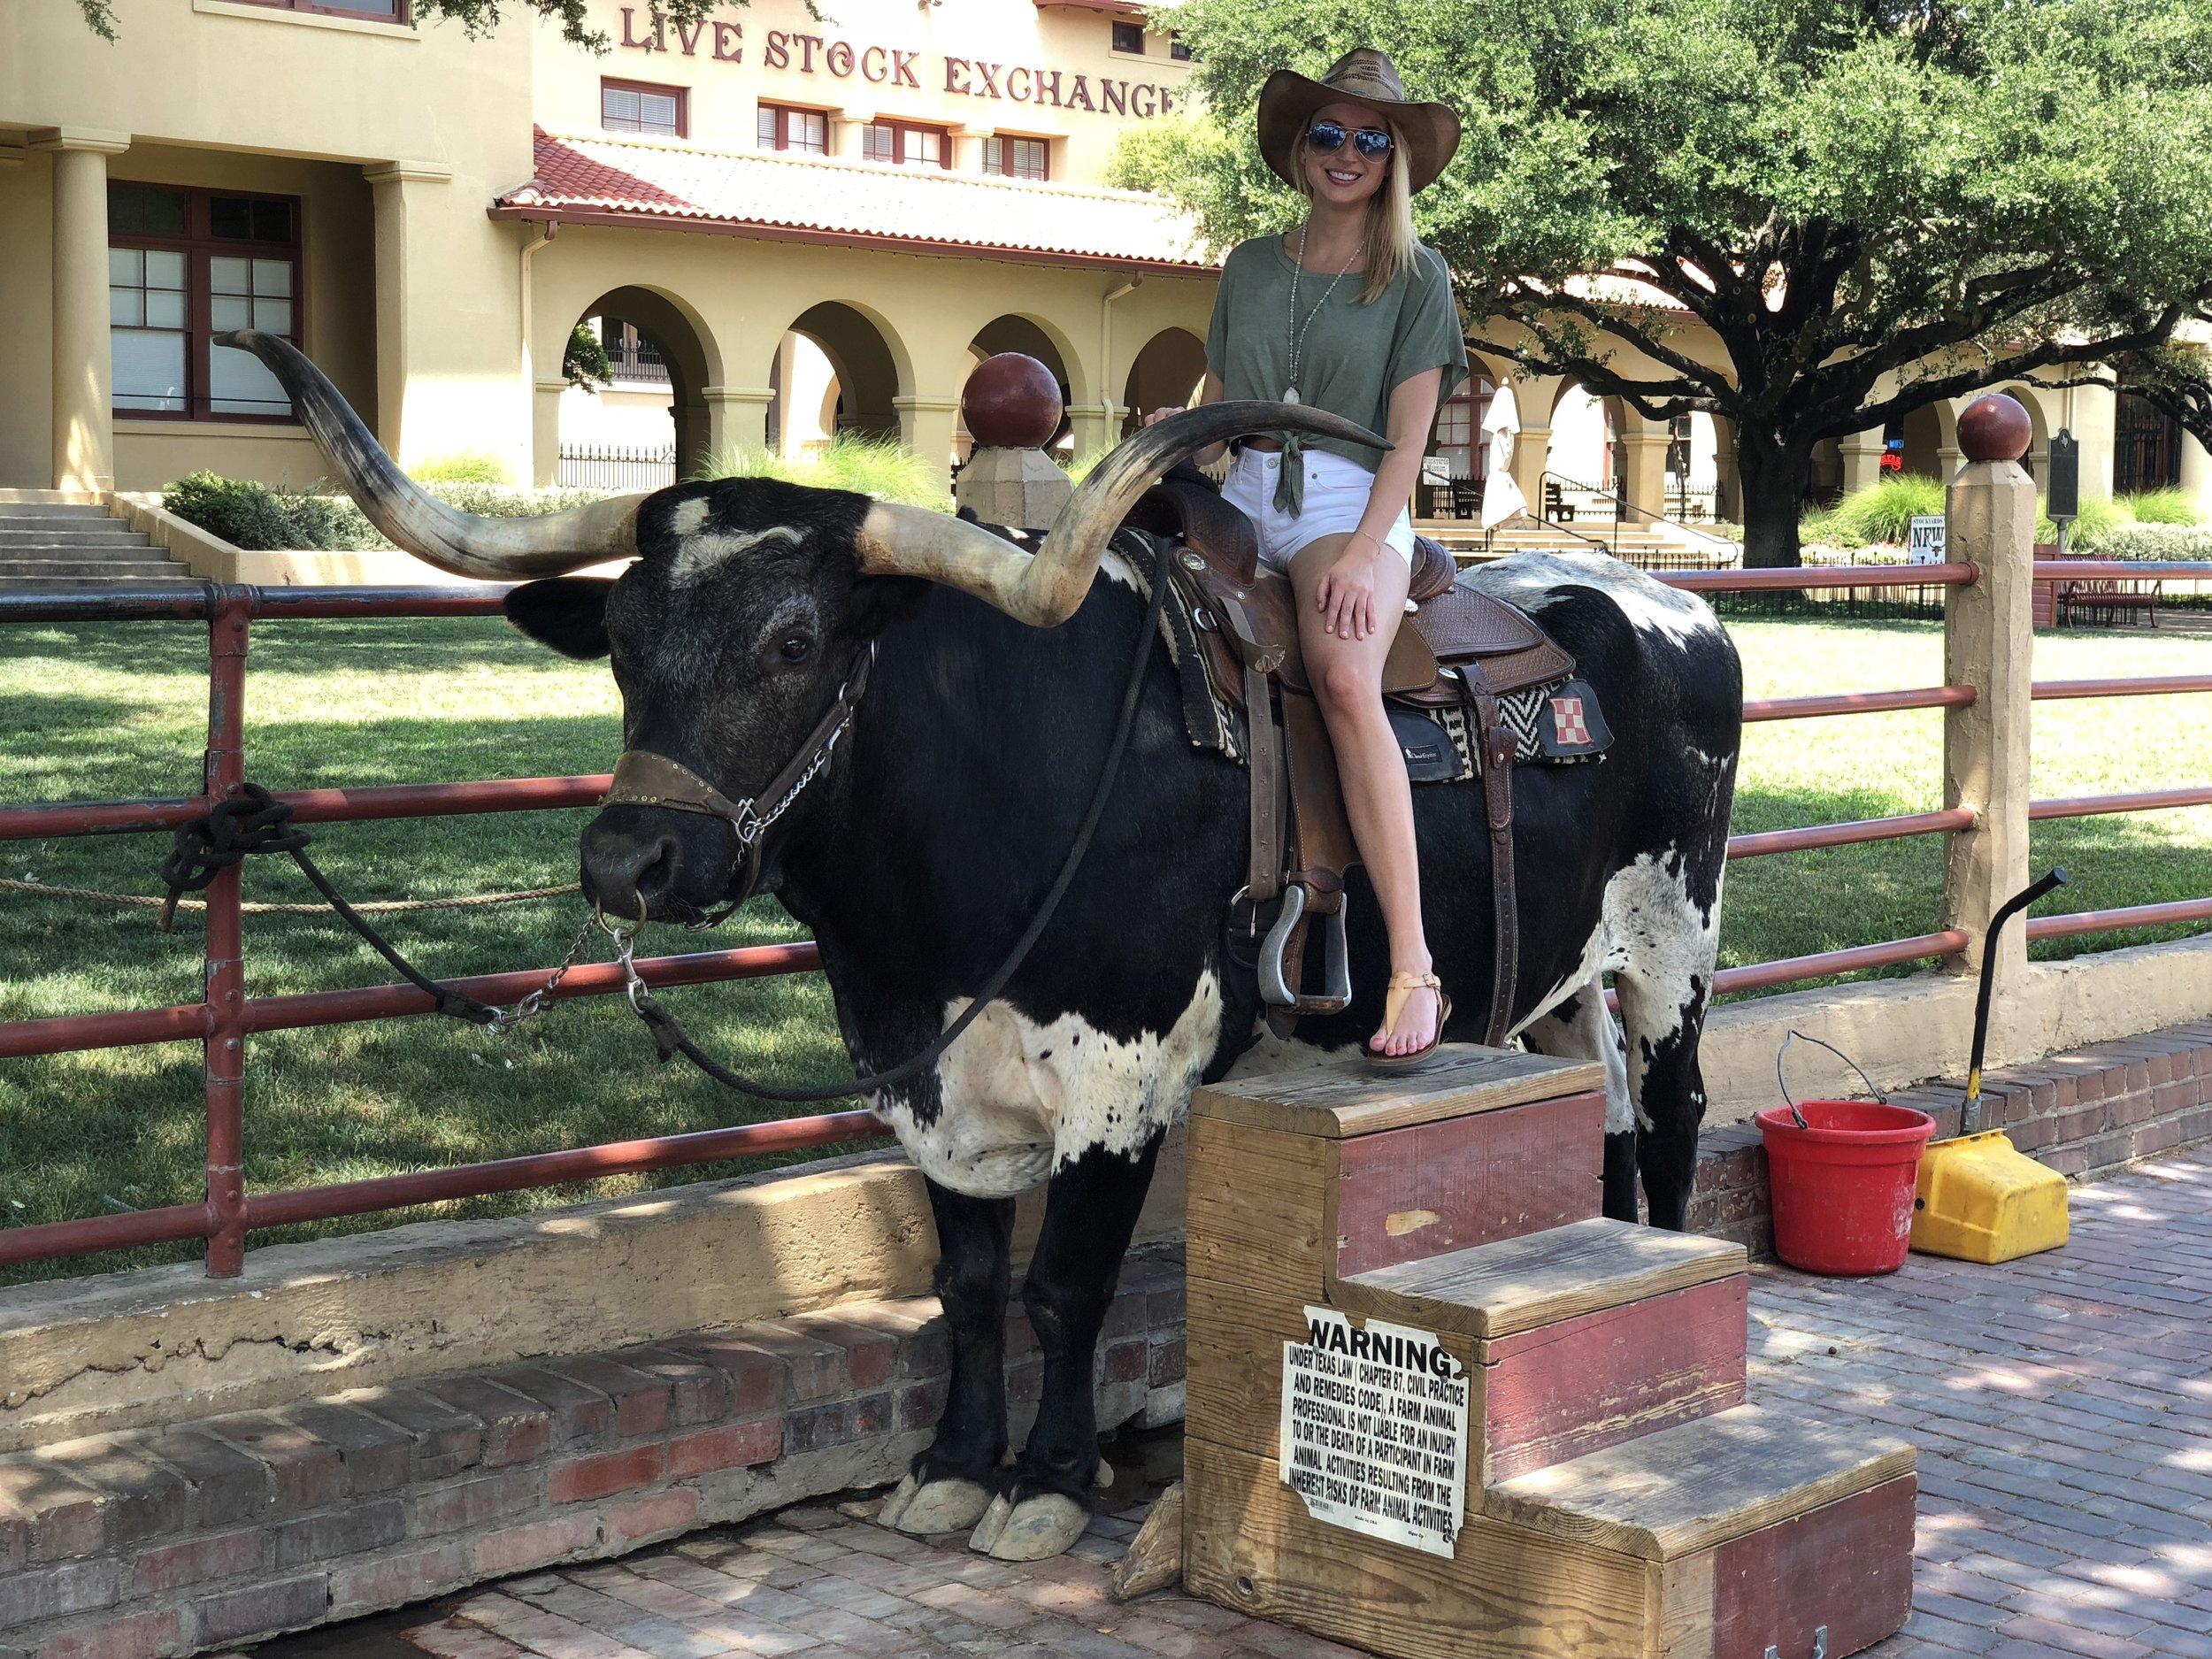 Bull at the Stock Exchange.jpg